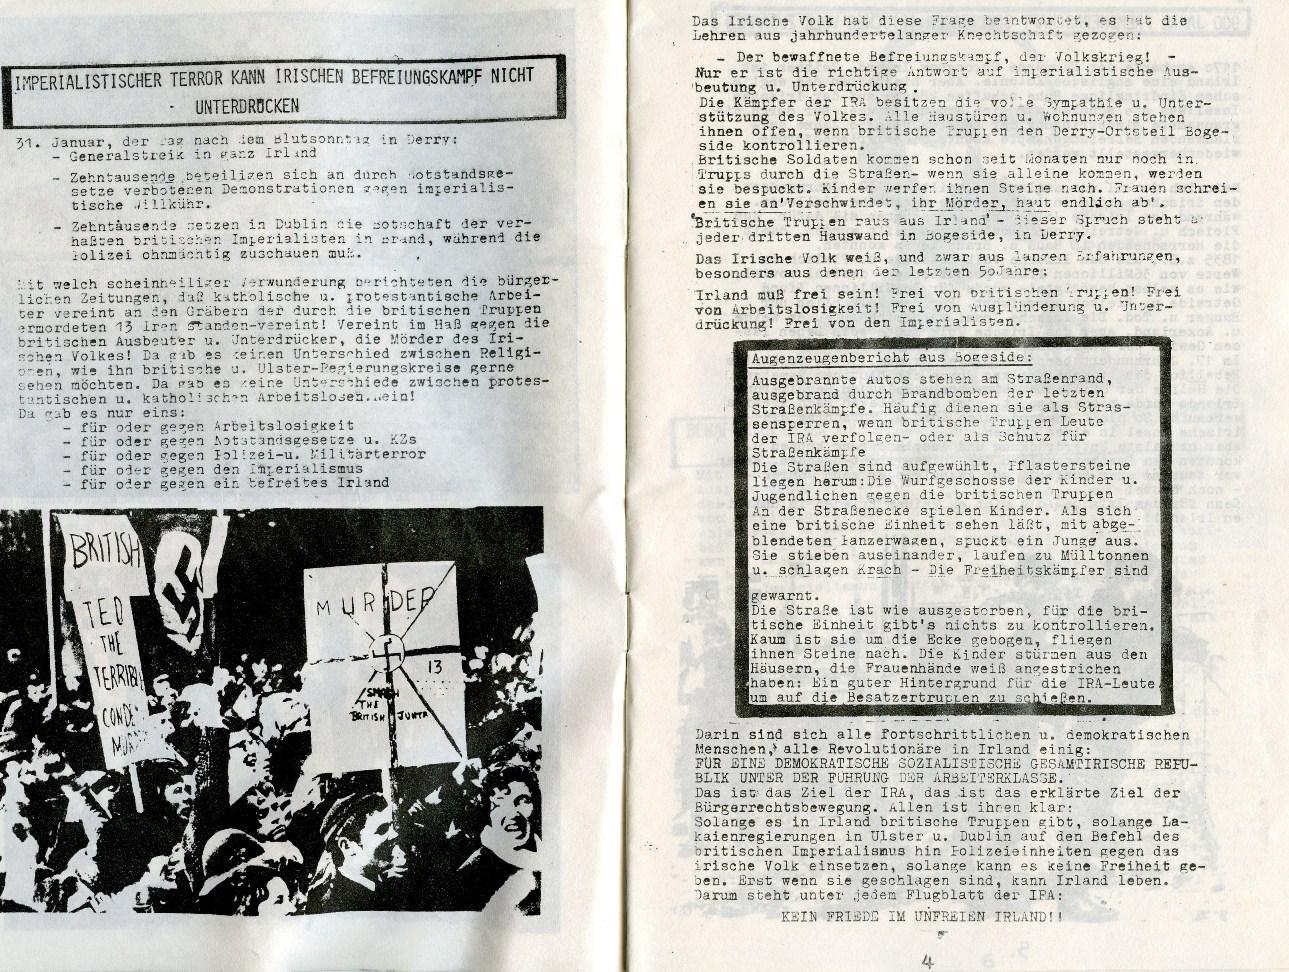 KJVD_Irlandbroschuere_1972_03